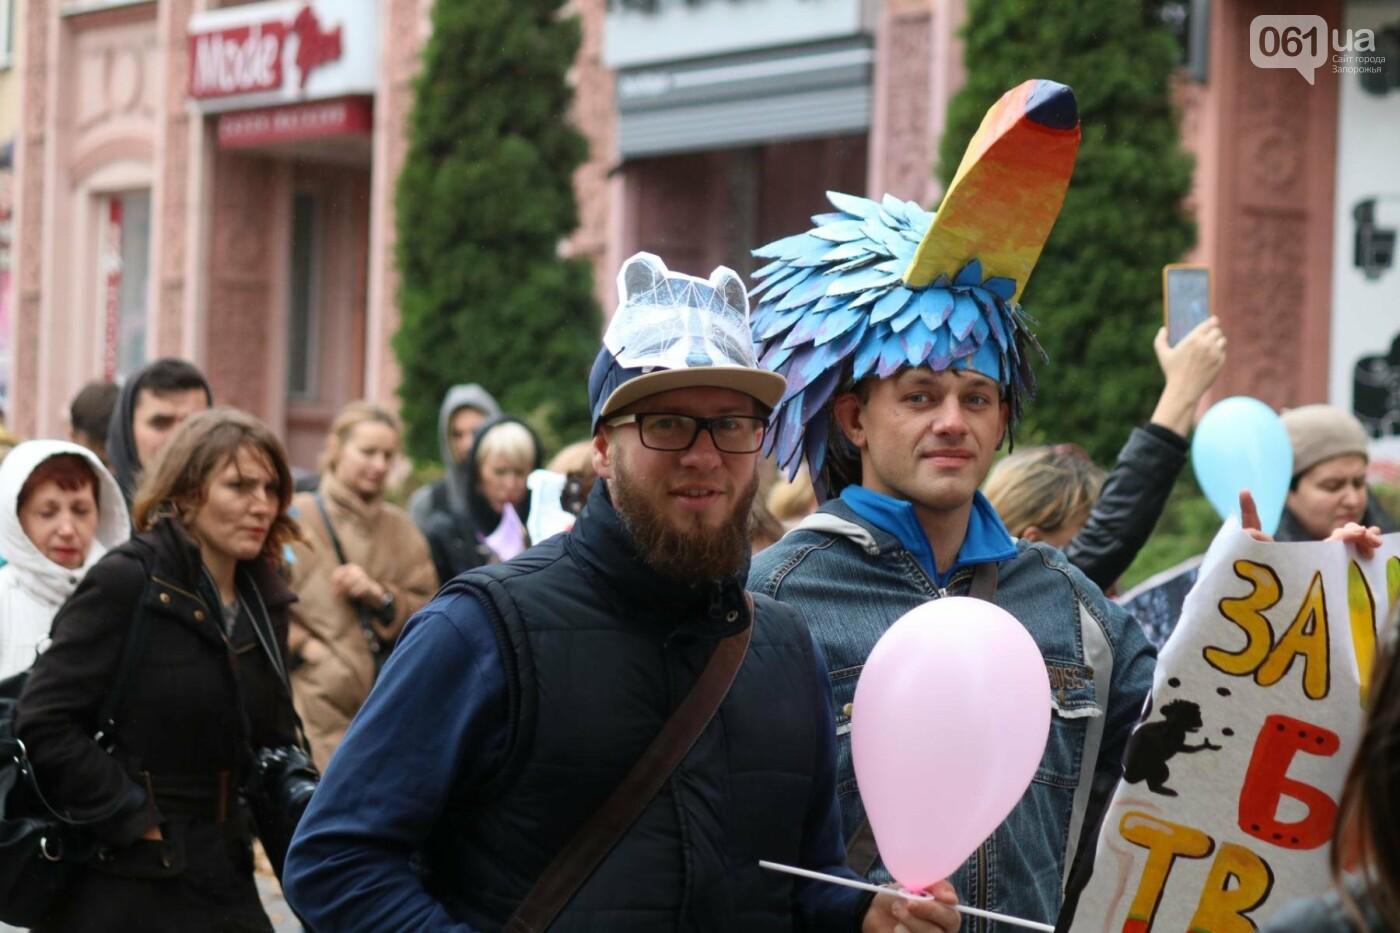 В Запорожье прошел марш за права животных, - ФОТОРЕПОРТАЖ, фото-14